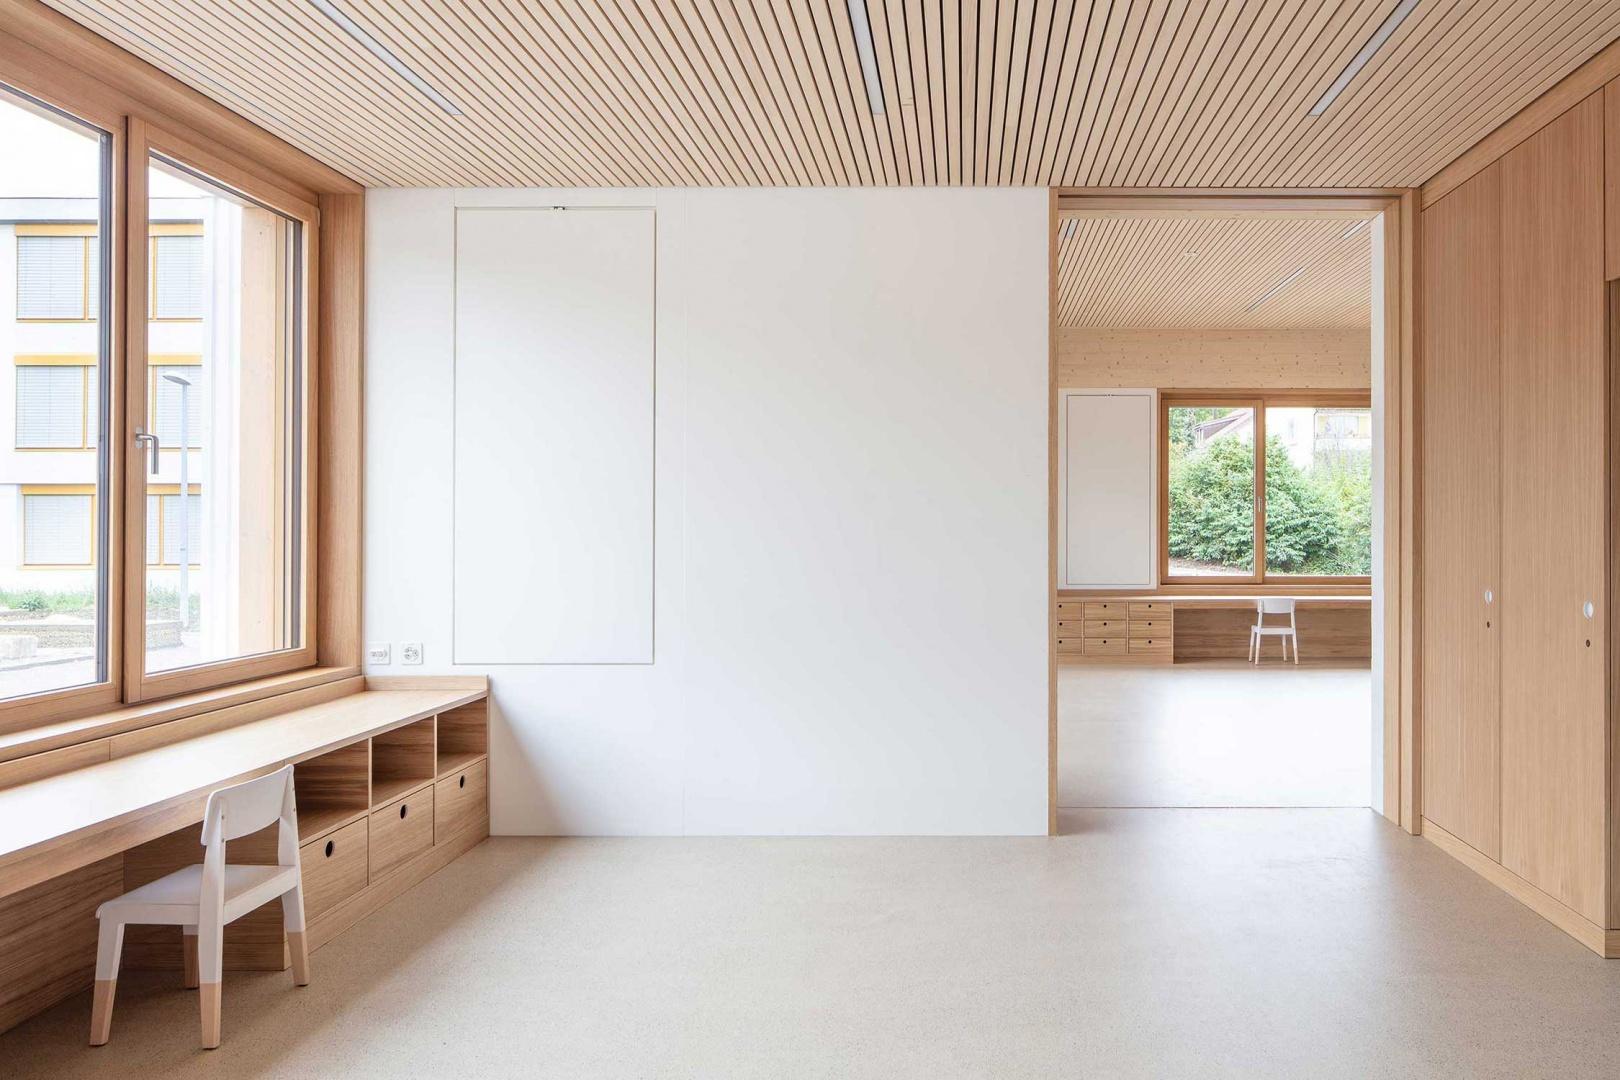 Gruppenraum mit Blick in den Hauptraum © Radek Brunecky